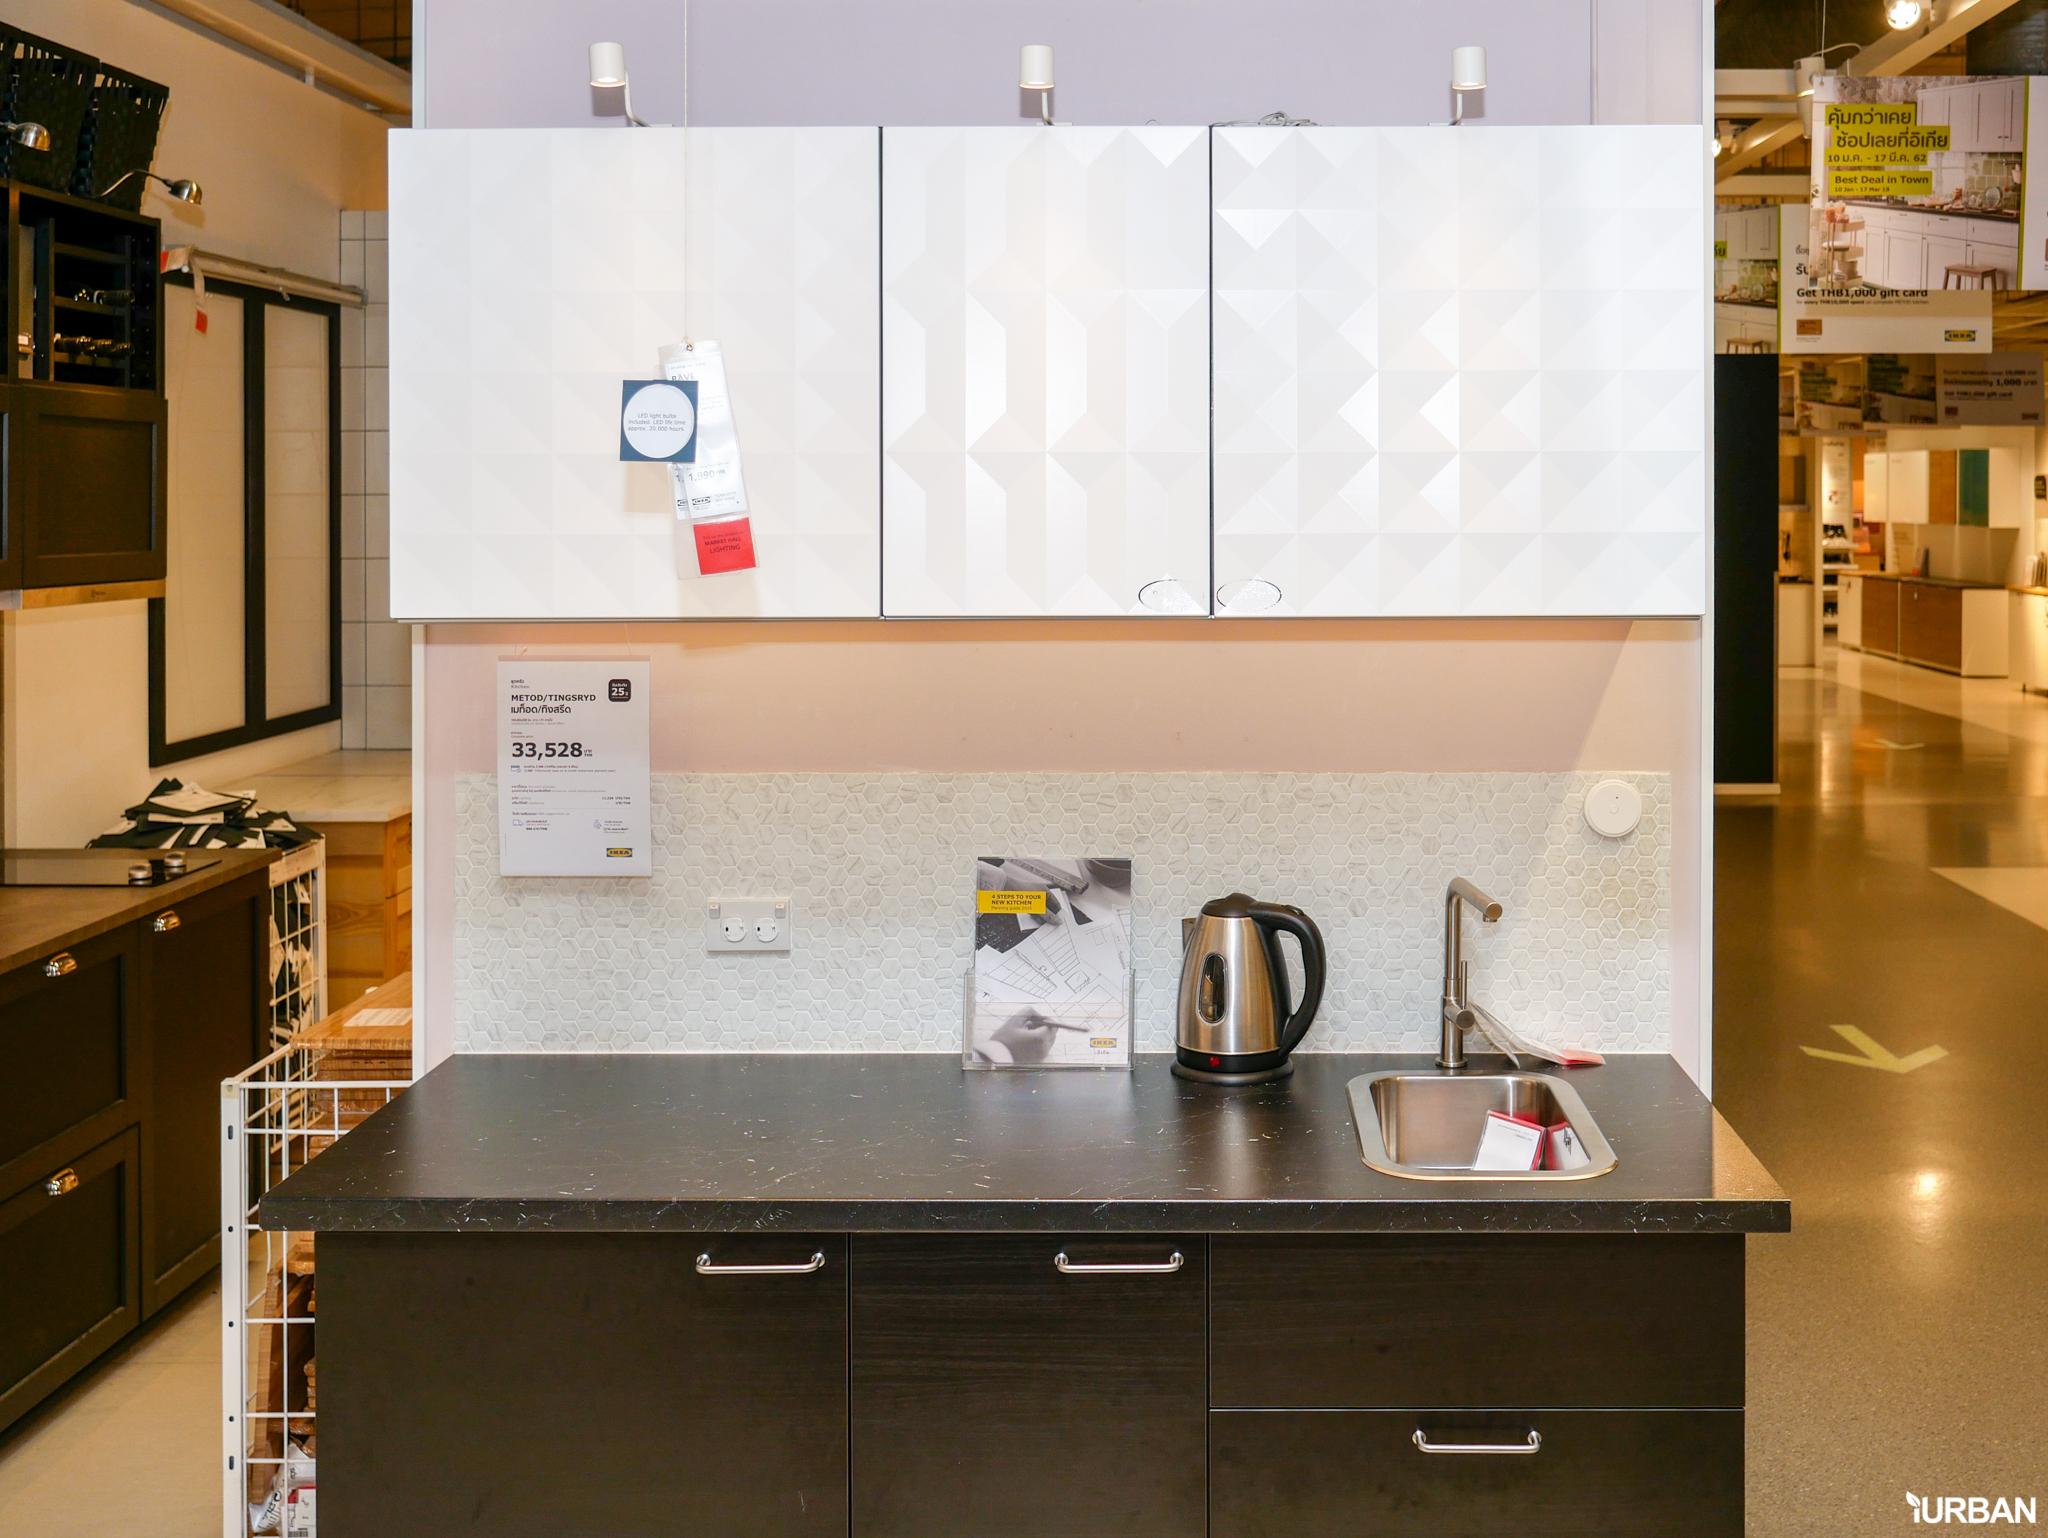 9 เหตุผลที่คนเลือกชุดครัวอิเกีย และโอกาสที่จะมีครัวในฝัน IKEA METOD/เมท็อด โปรนี้ดีที่สุดแล้ว #ถึง17มีนา 33 - IKEA (อิเกีย)